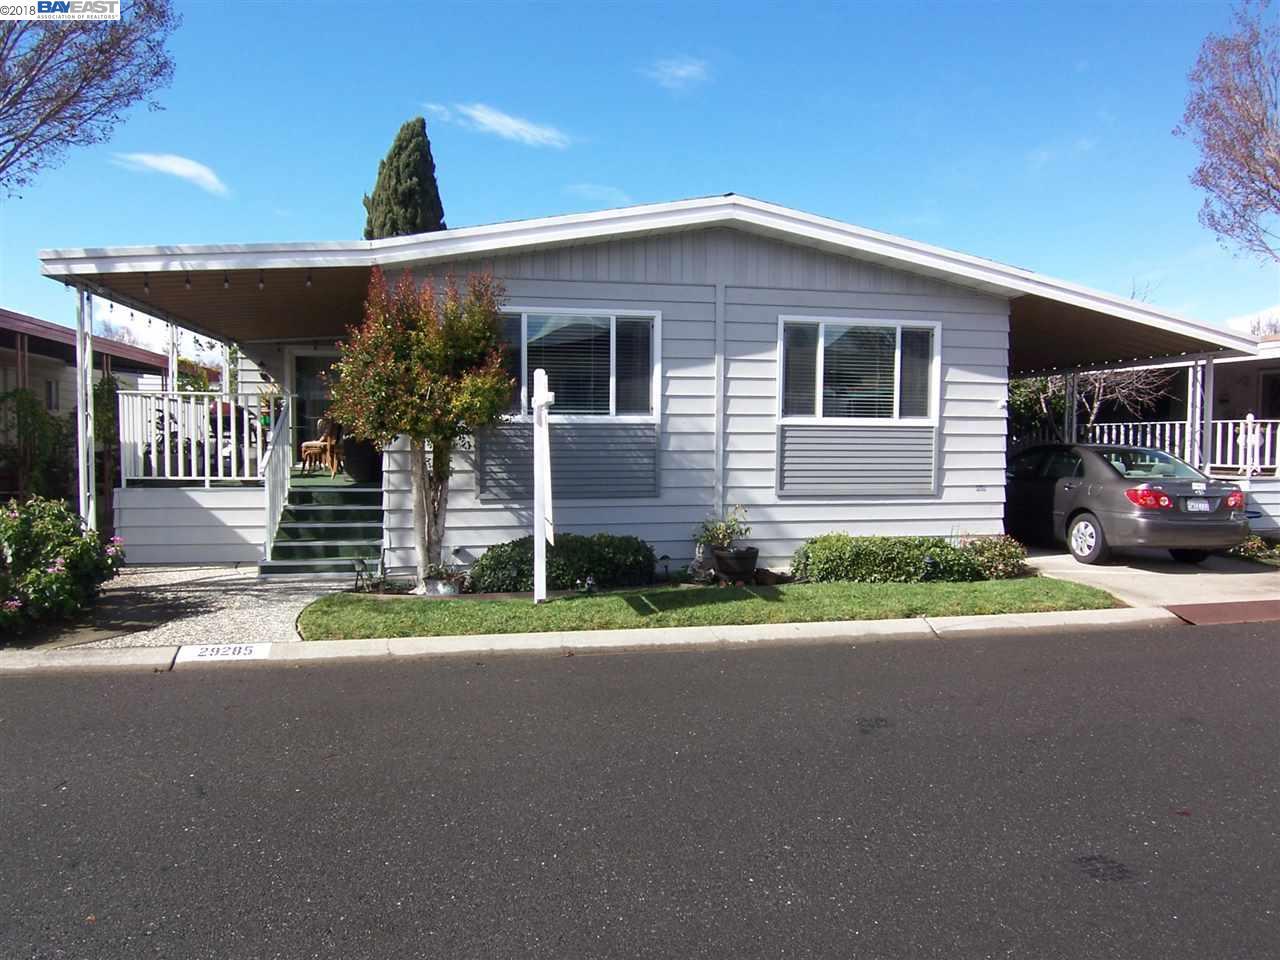 29285 Nantucket Way Hayward, CA 94544